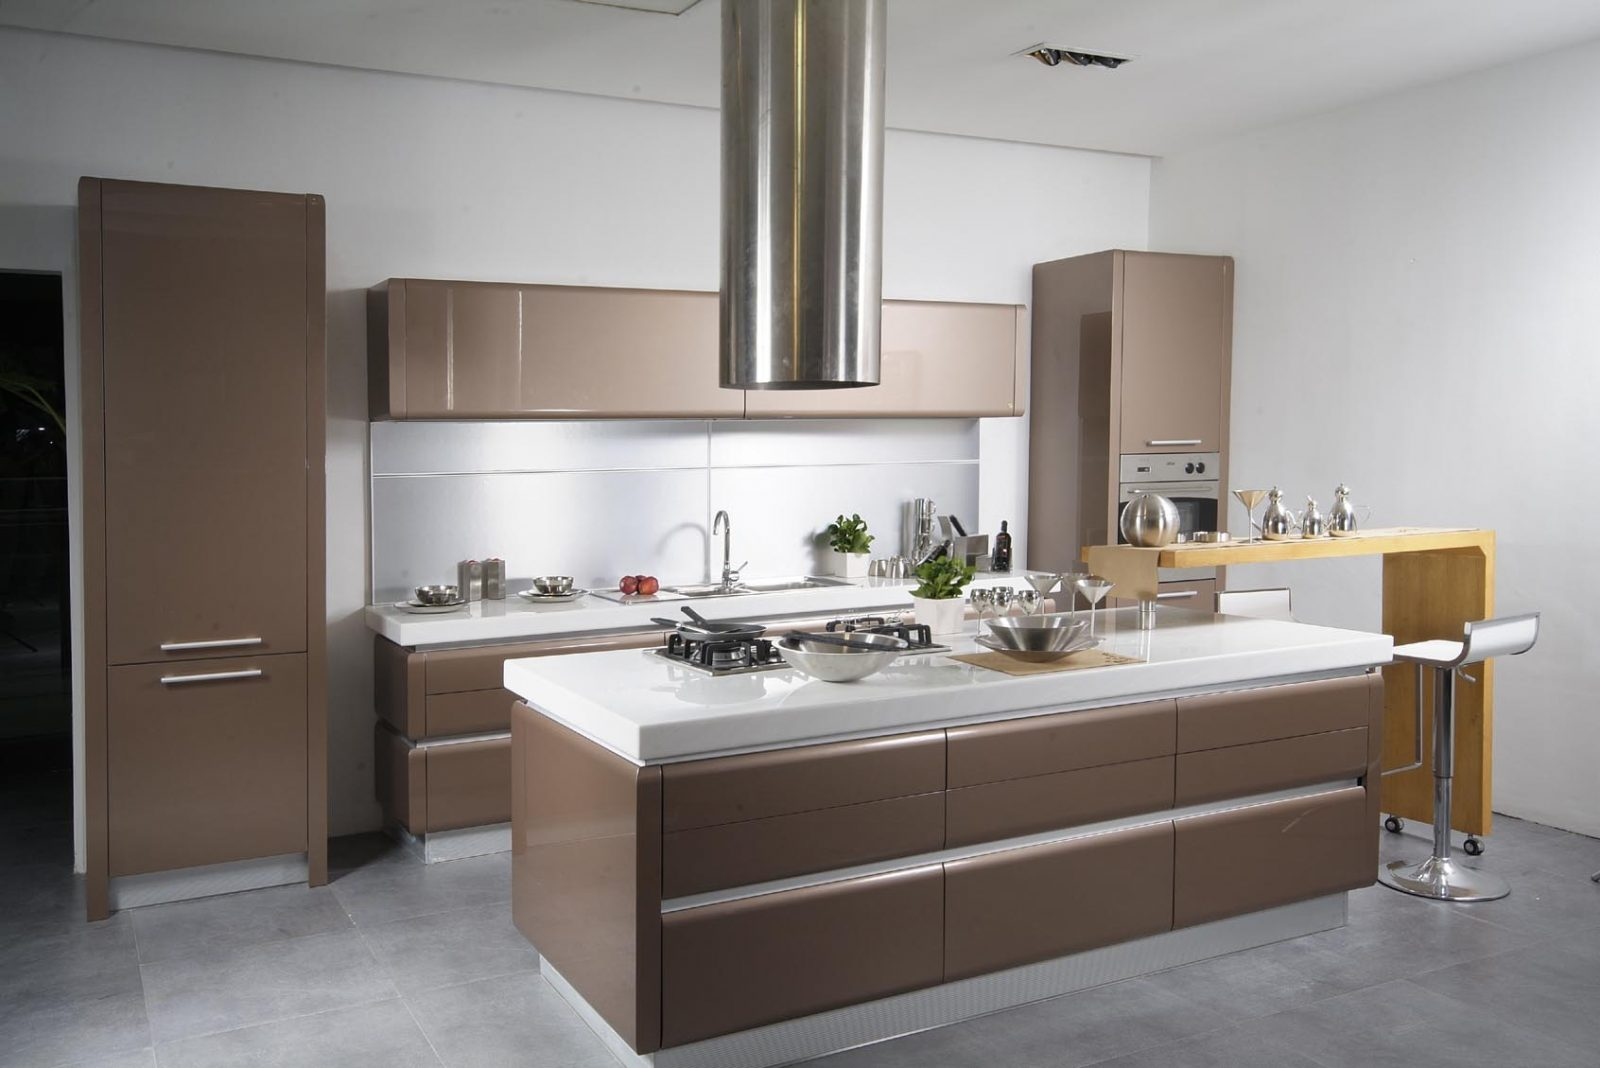 Muebles De Cocina Cantabria : Galería de imágenes muebles cocina modernos sin tiradores